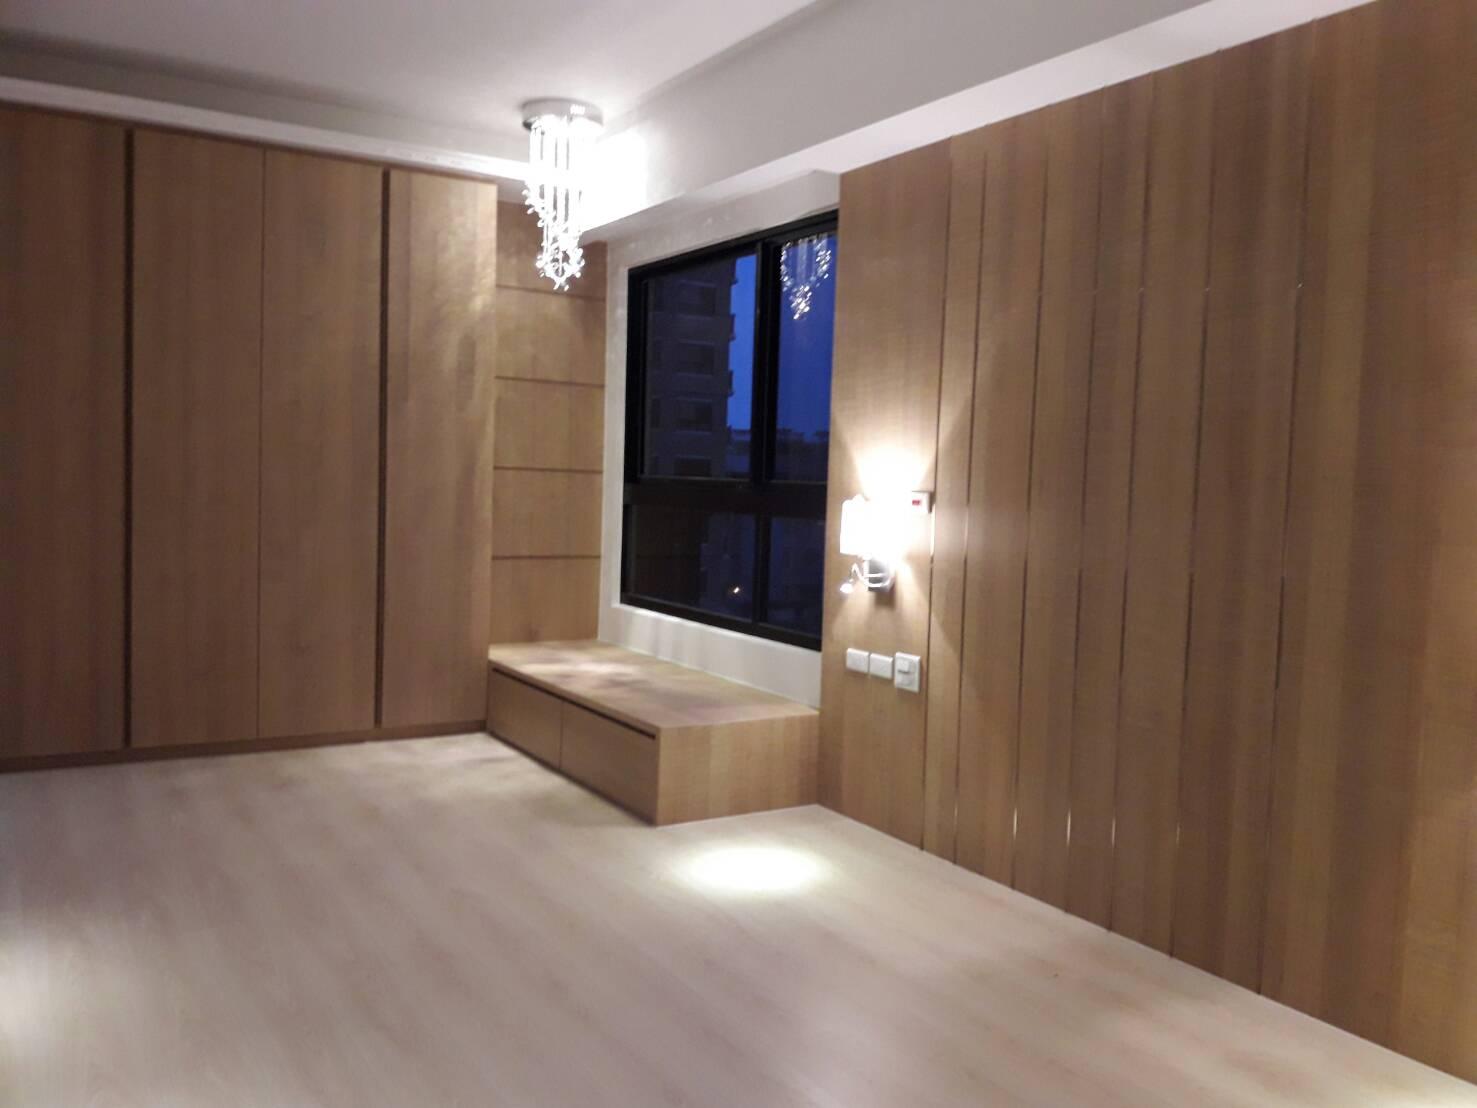 裝潢工程420-室內設計